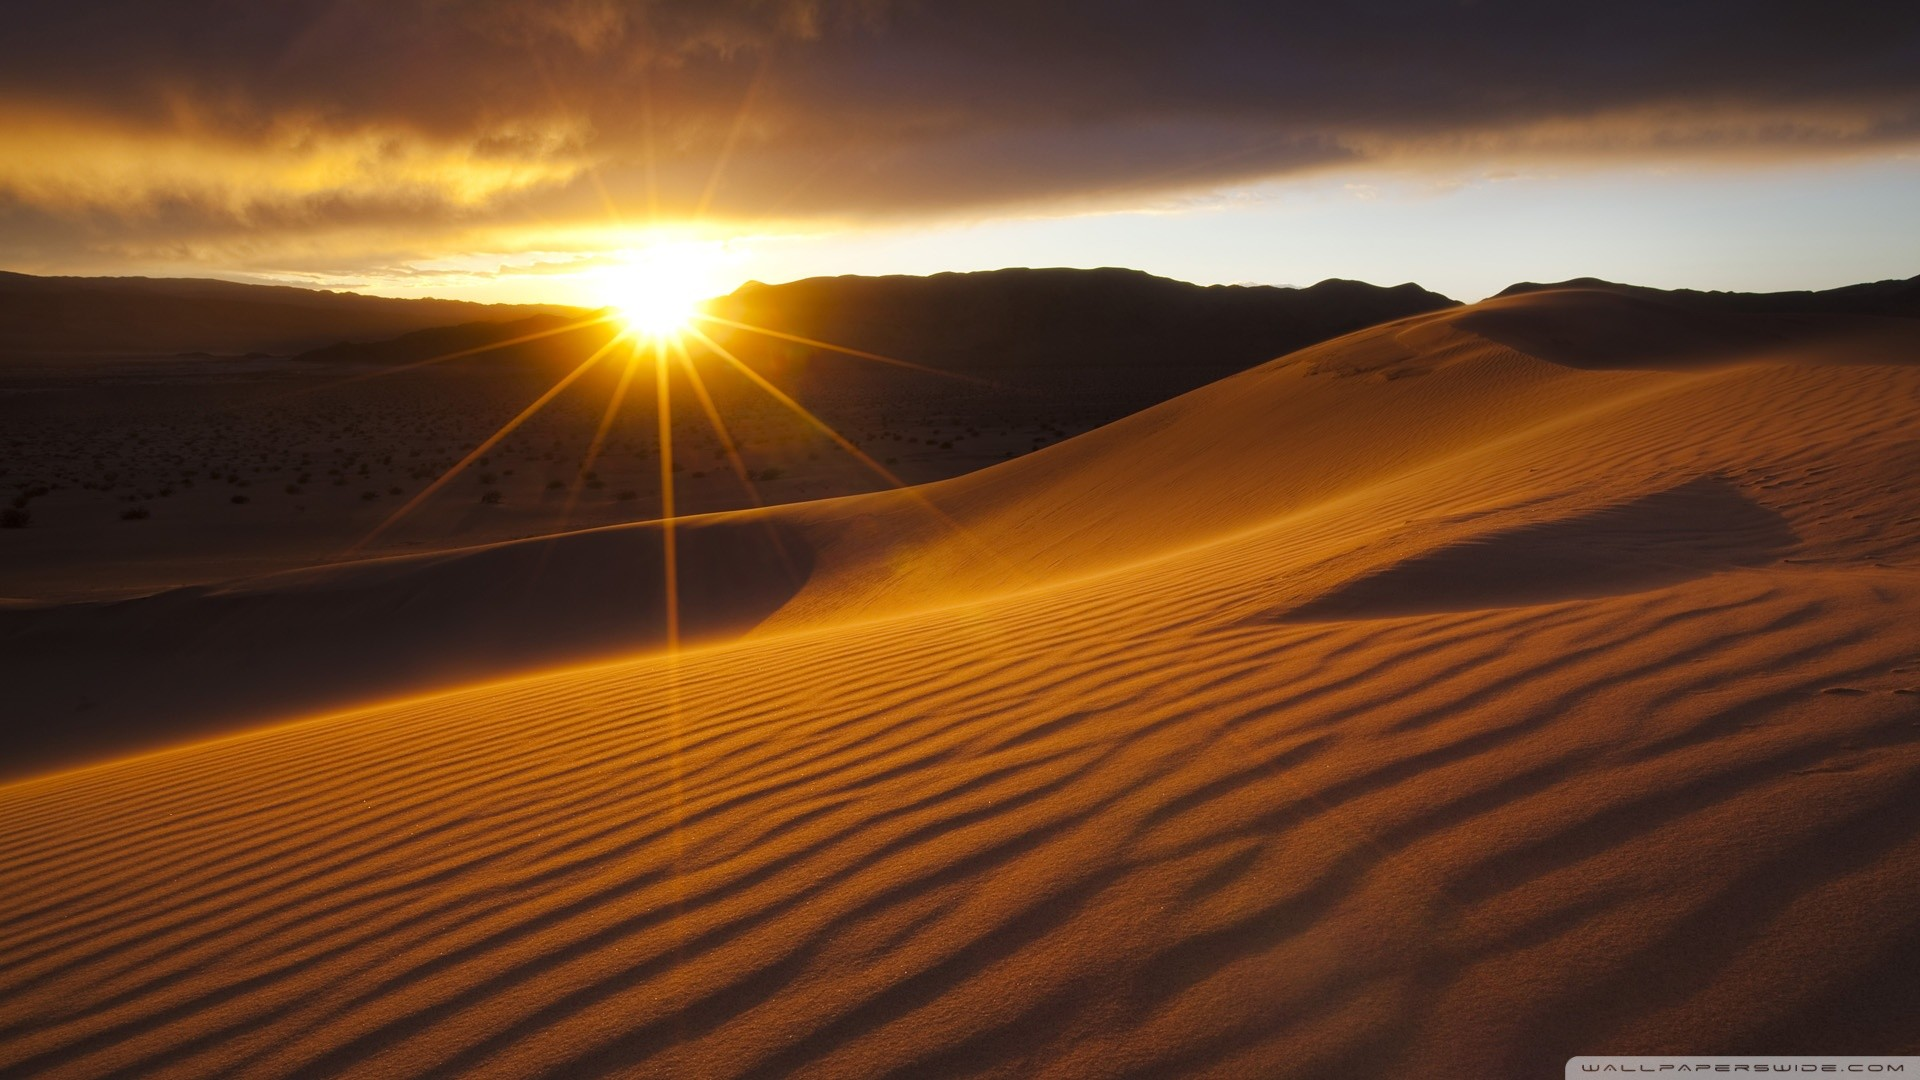 Desert Oasis Wallpaper (57+ images)